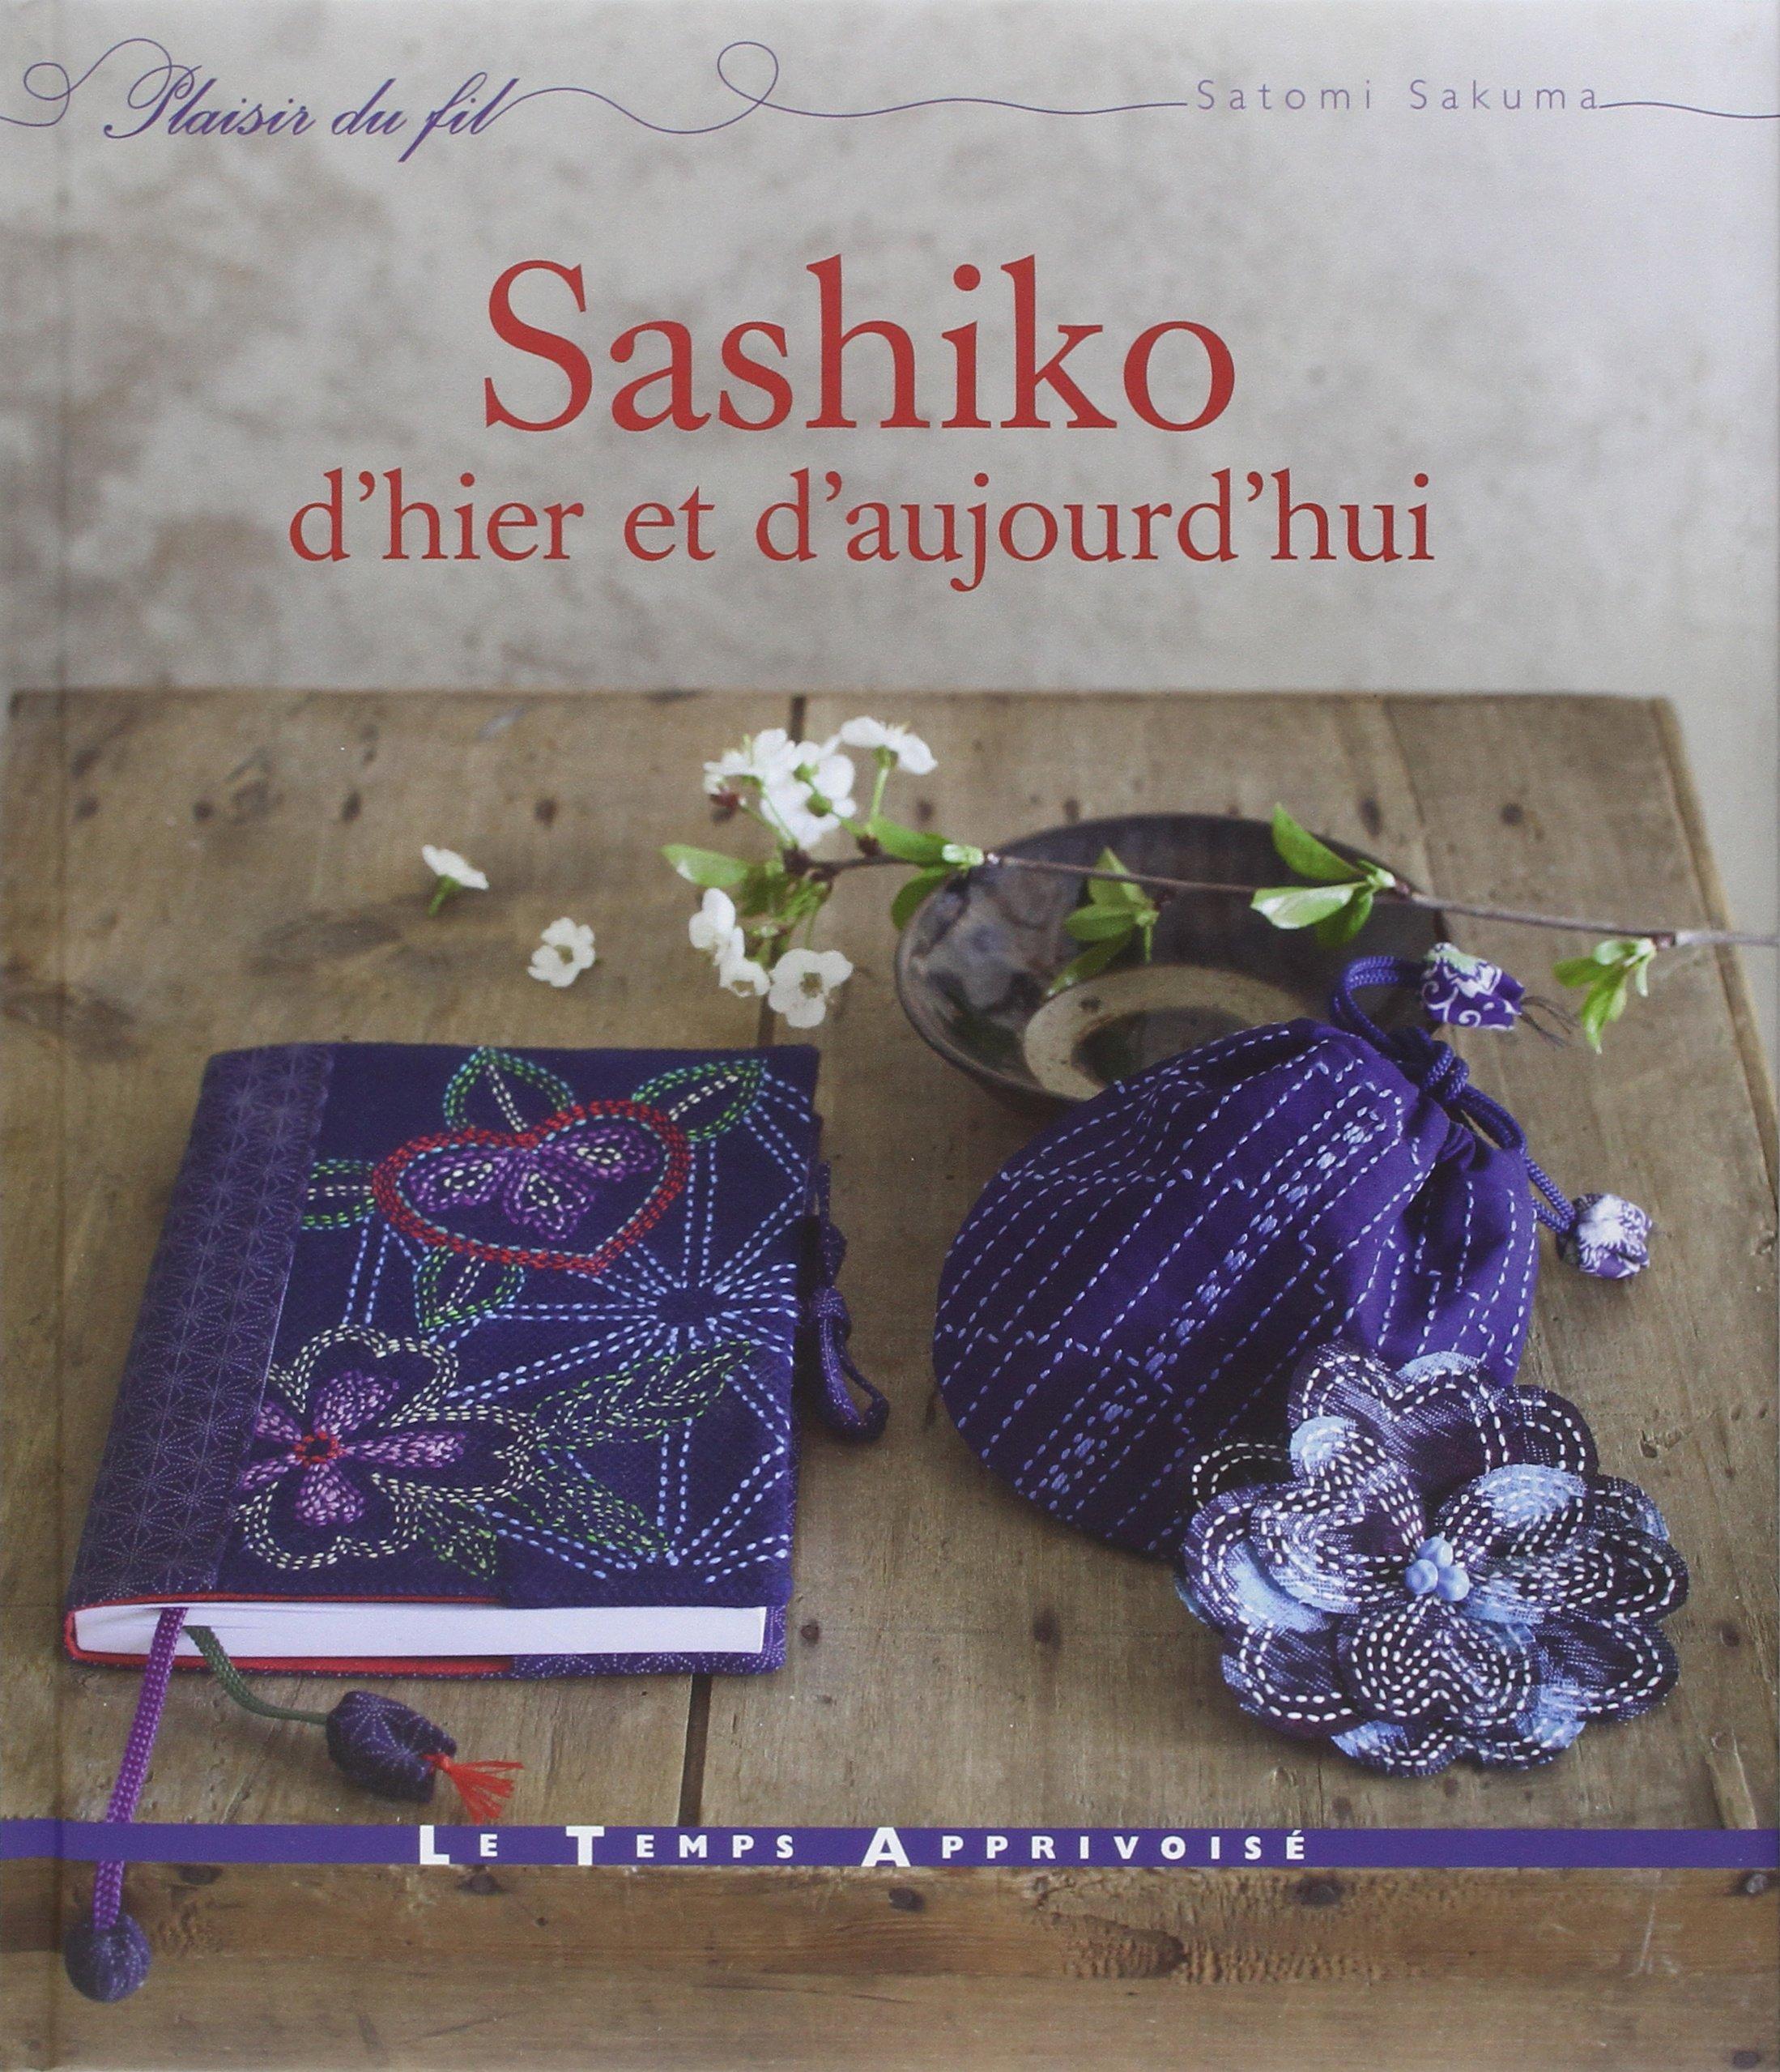 couverture du livre Sashiko d'hier et d'aujourd'hui de Satomi Sakuma